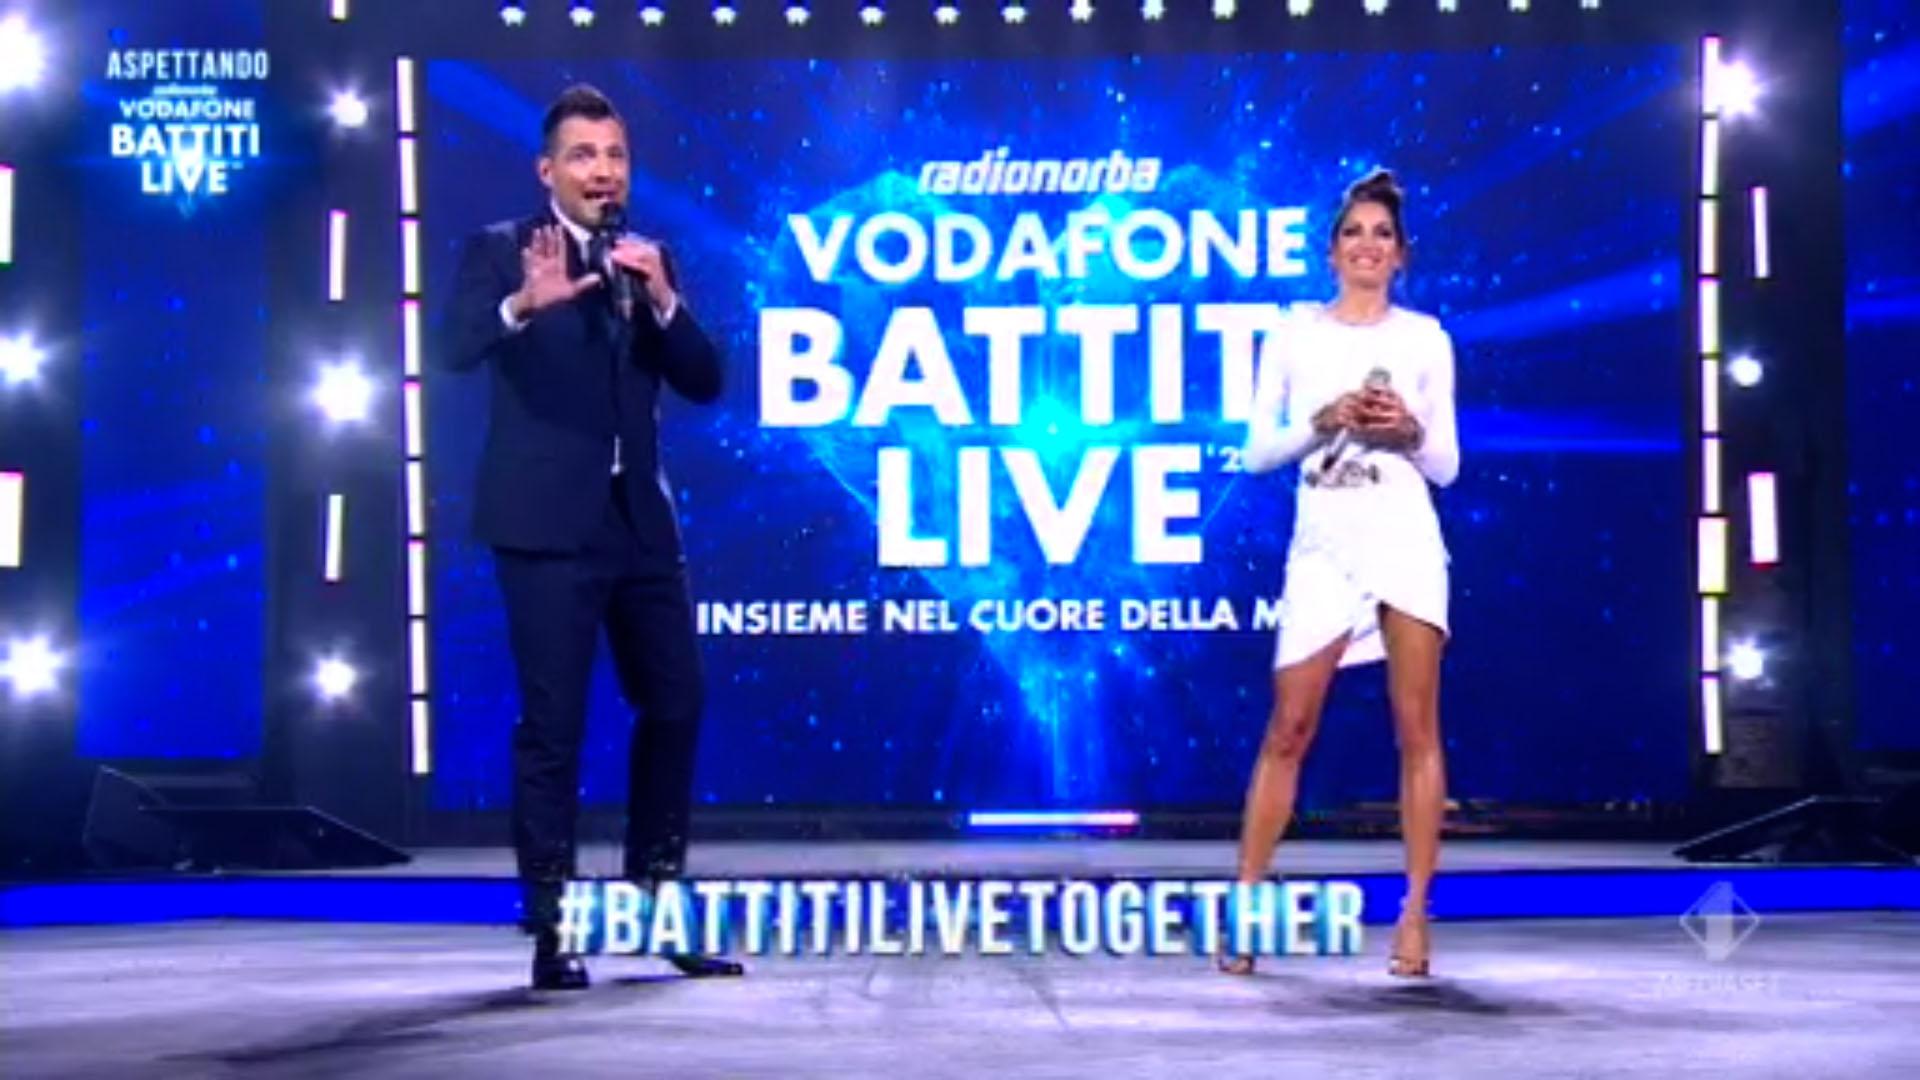 Battiti Live 24 agosto 2020